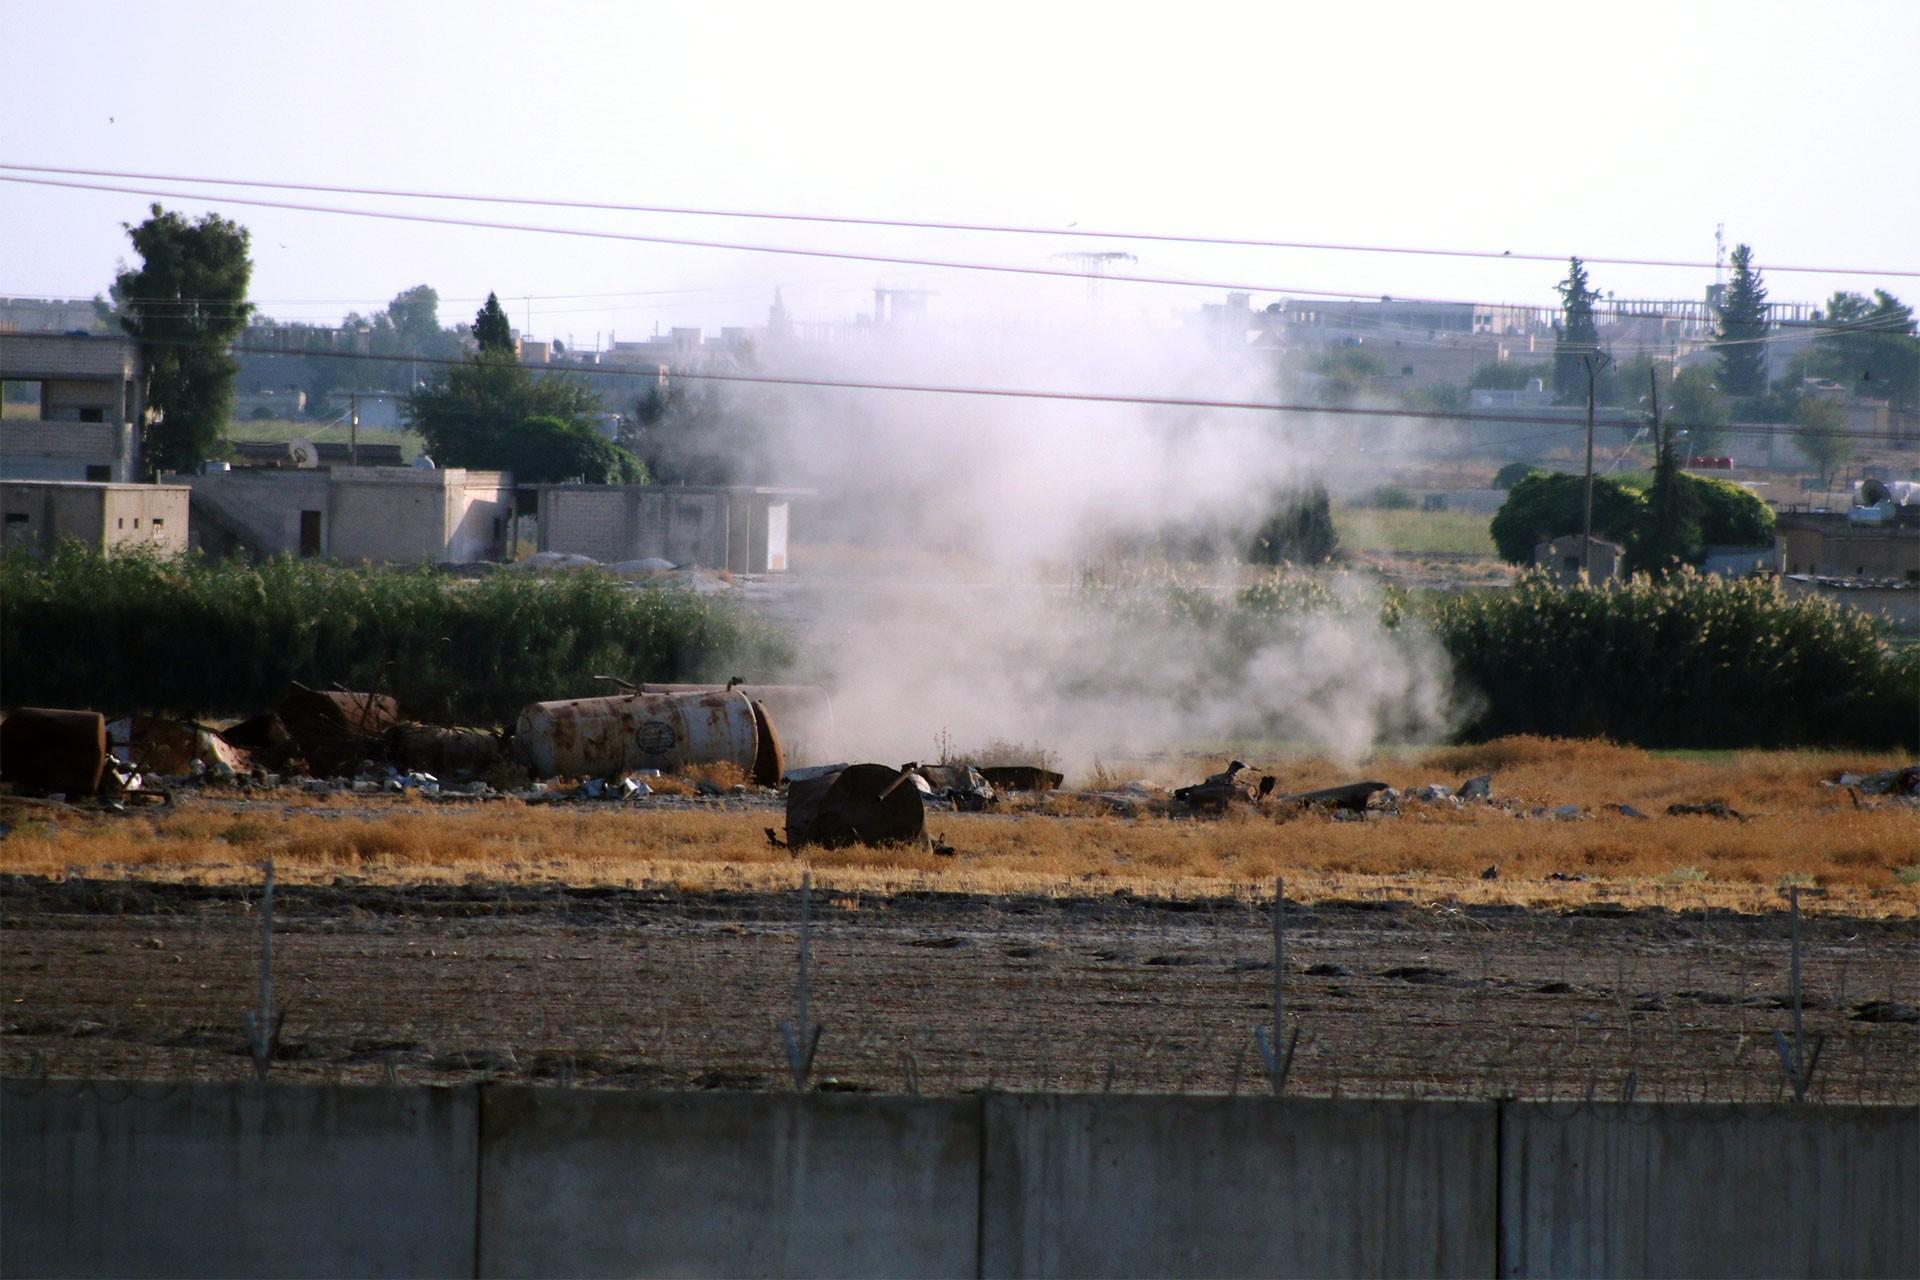 Fırat'ın doğusuna operasyonda 2. gün: 6 sivil ve 1 asker yaşamını yitirdi